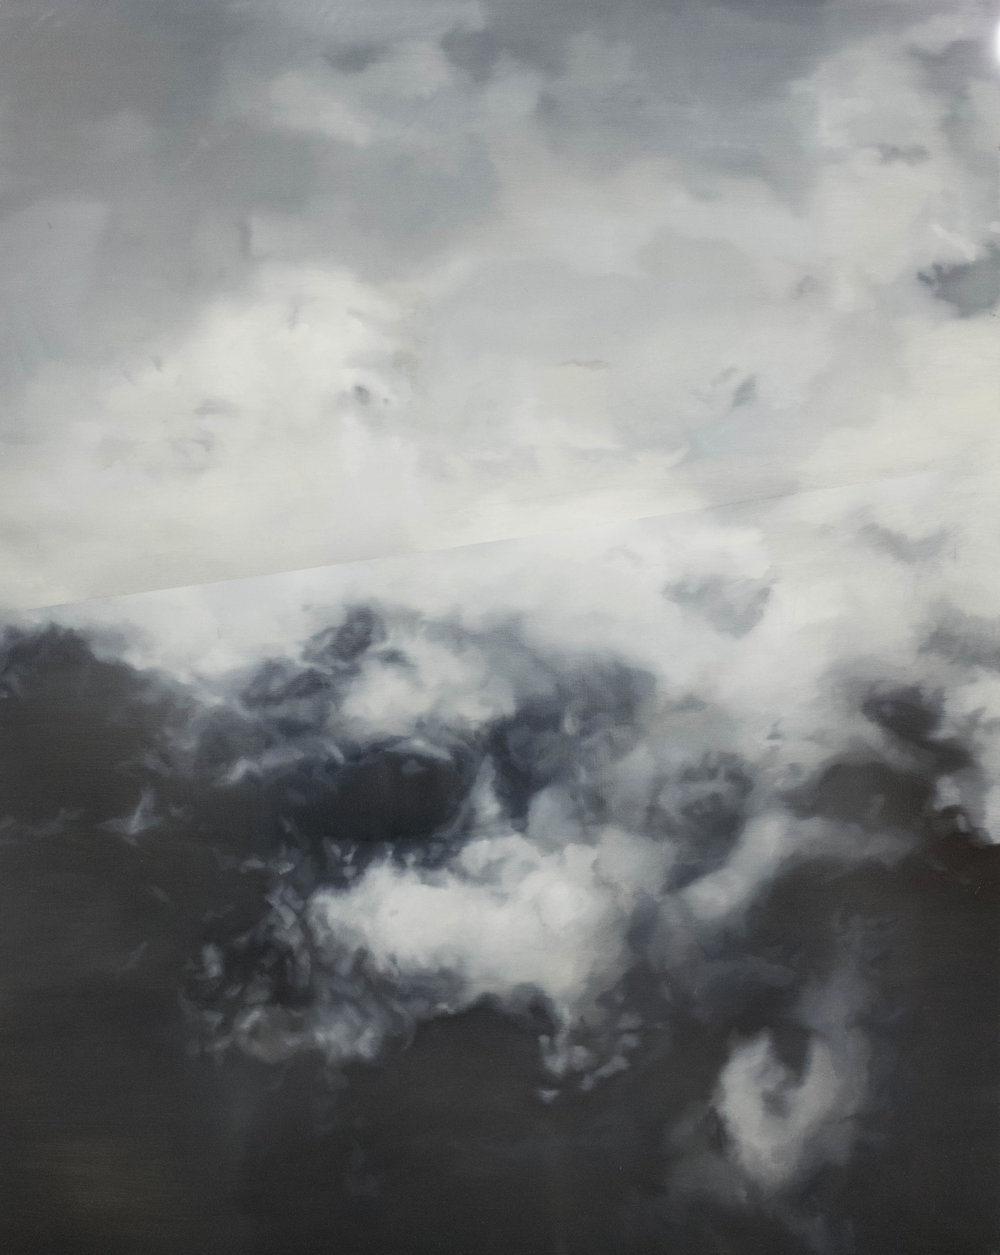 Study cloud